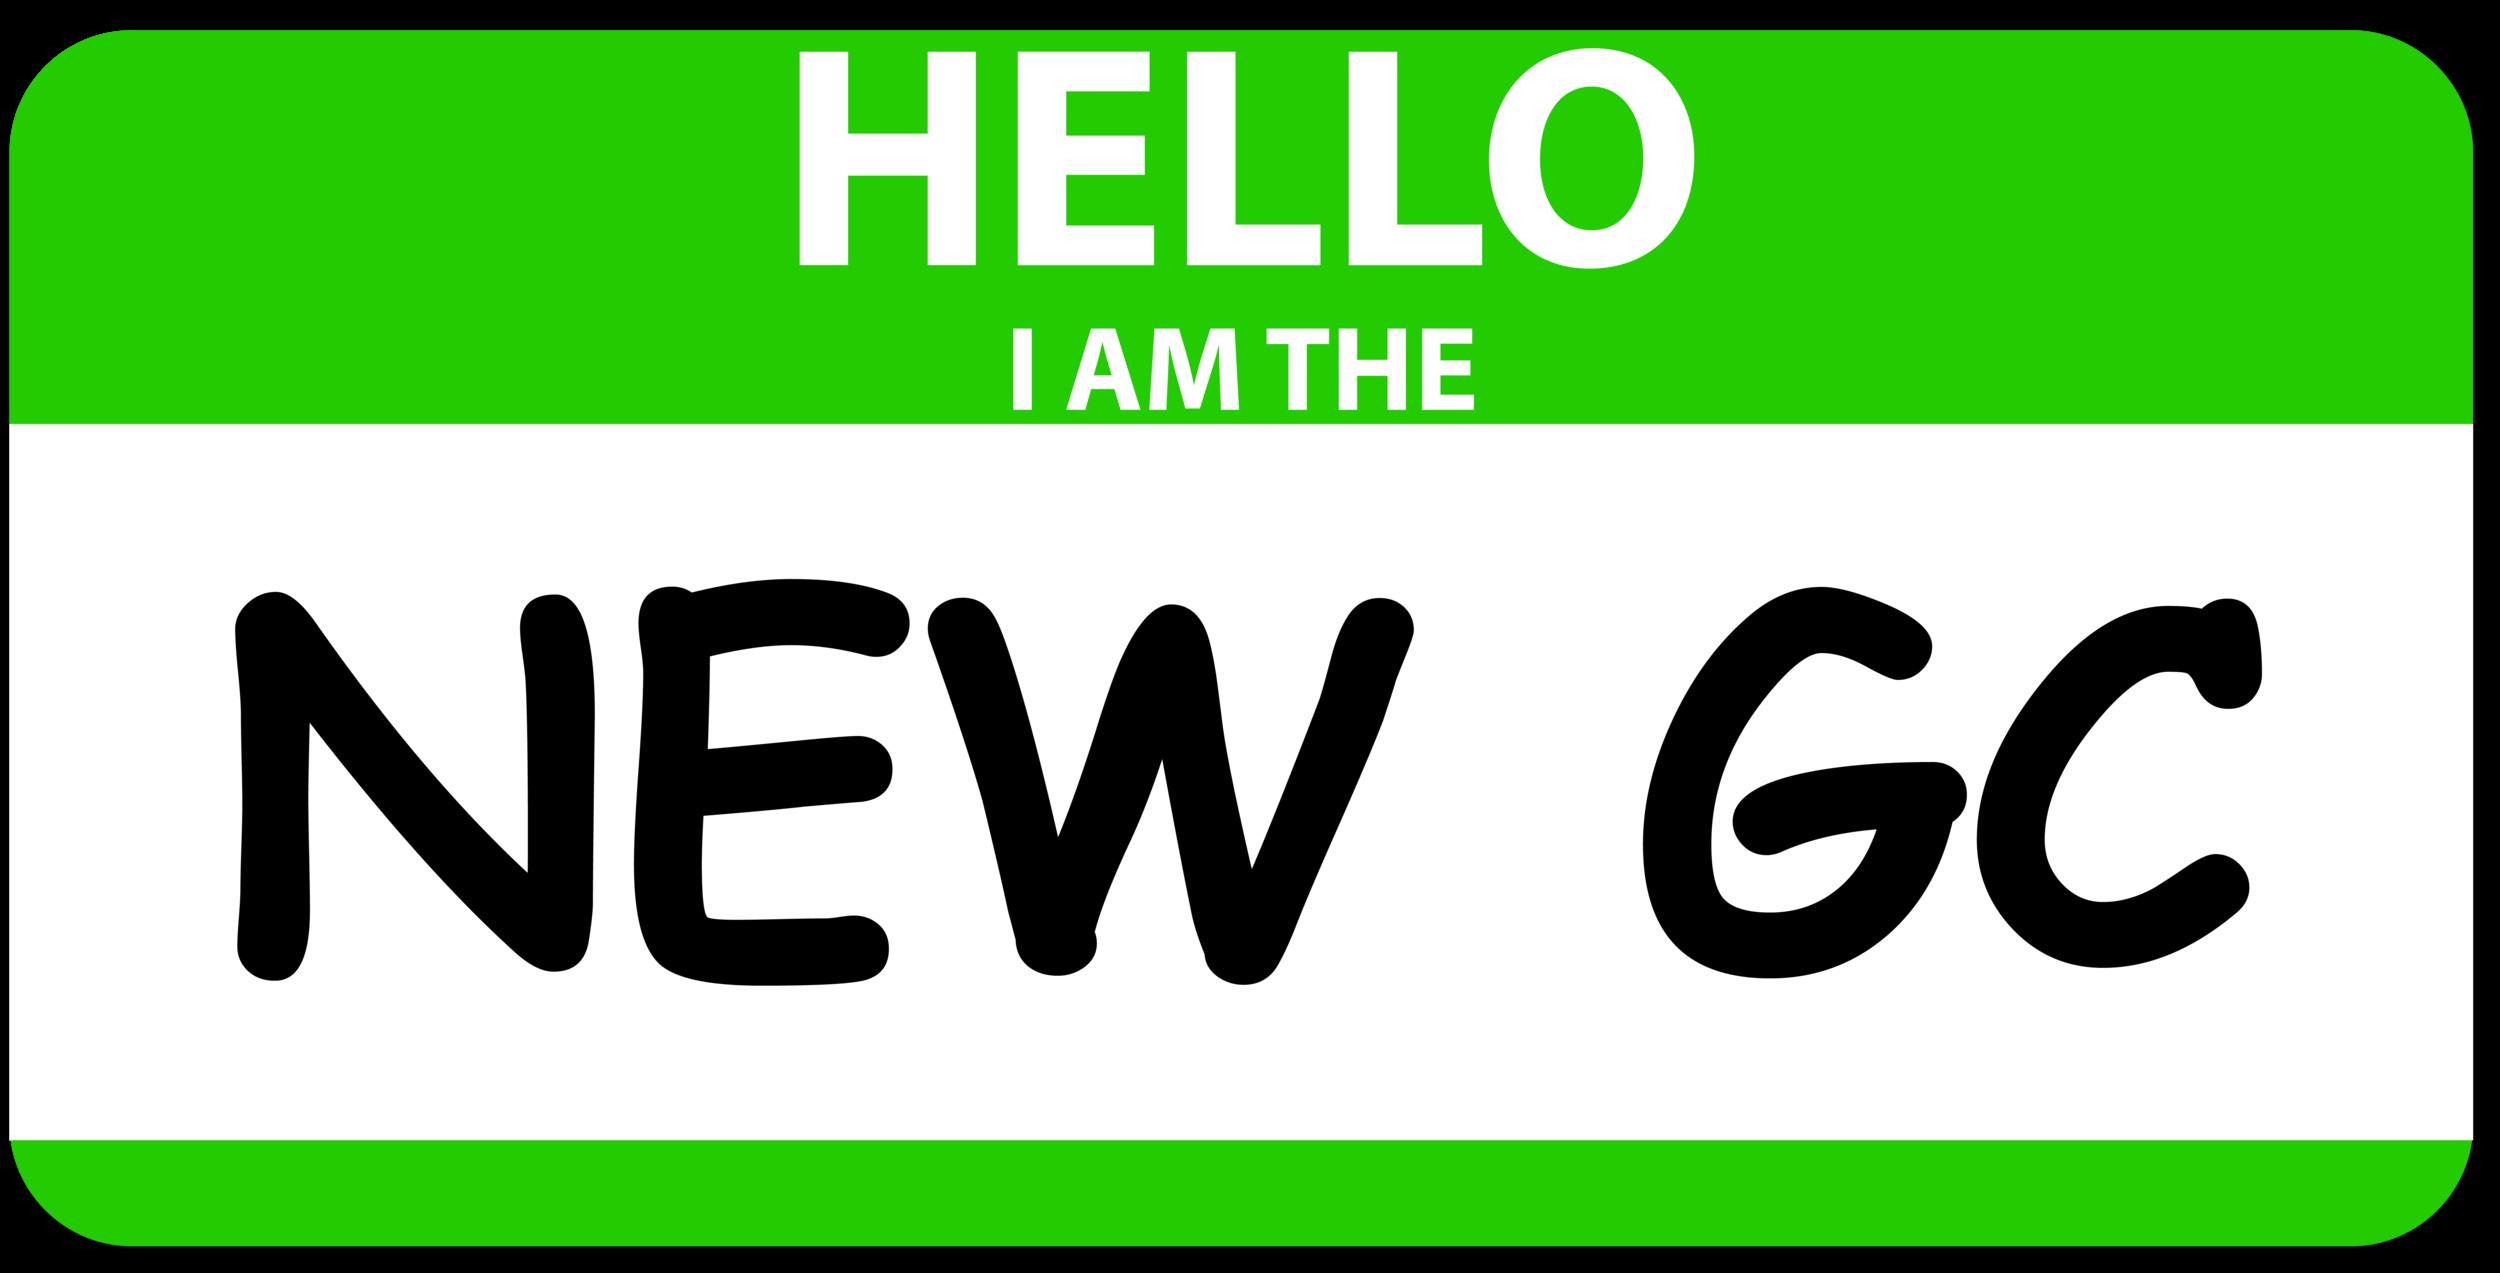 HelloNewGC_green_header.png